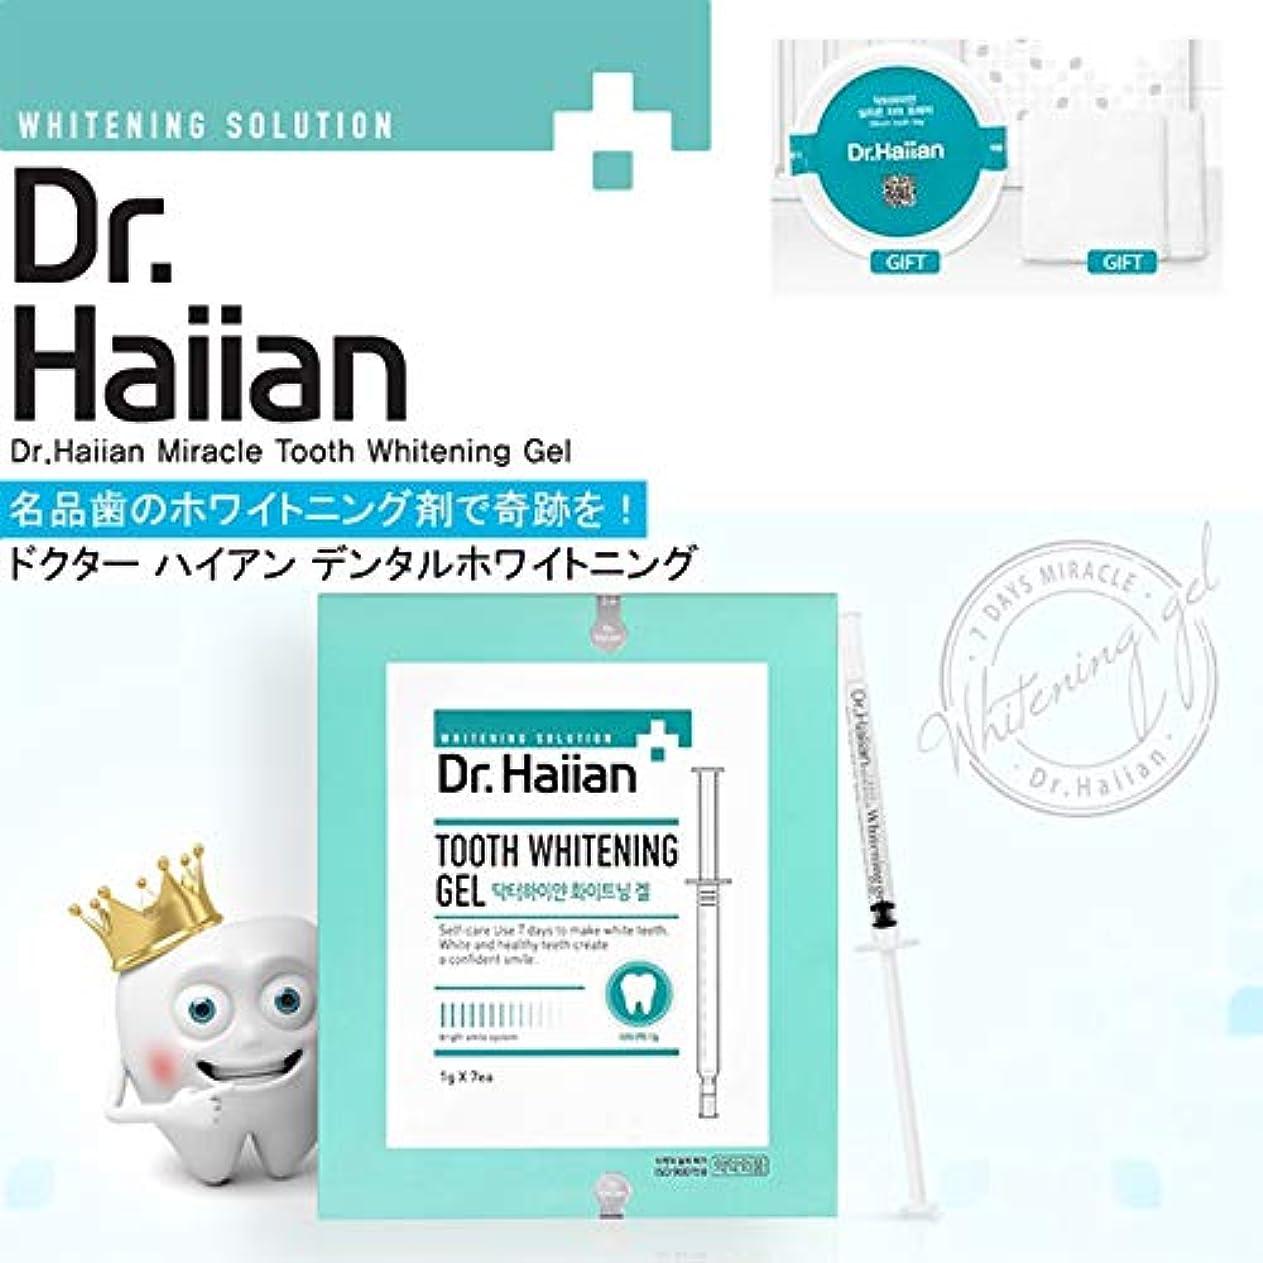 バースト分析ファイル[SAMSUNG PHARM]Dr.Haiian 7Days Miracle/7日間の奇跡 [SAMSUNG PHARM]白い歯を管理するための/使ったら歯が白くなる!/Self-Teeth Whitening Agent...